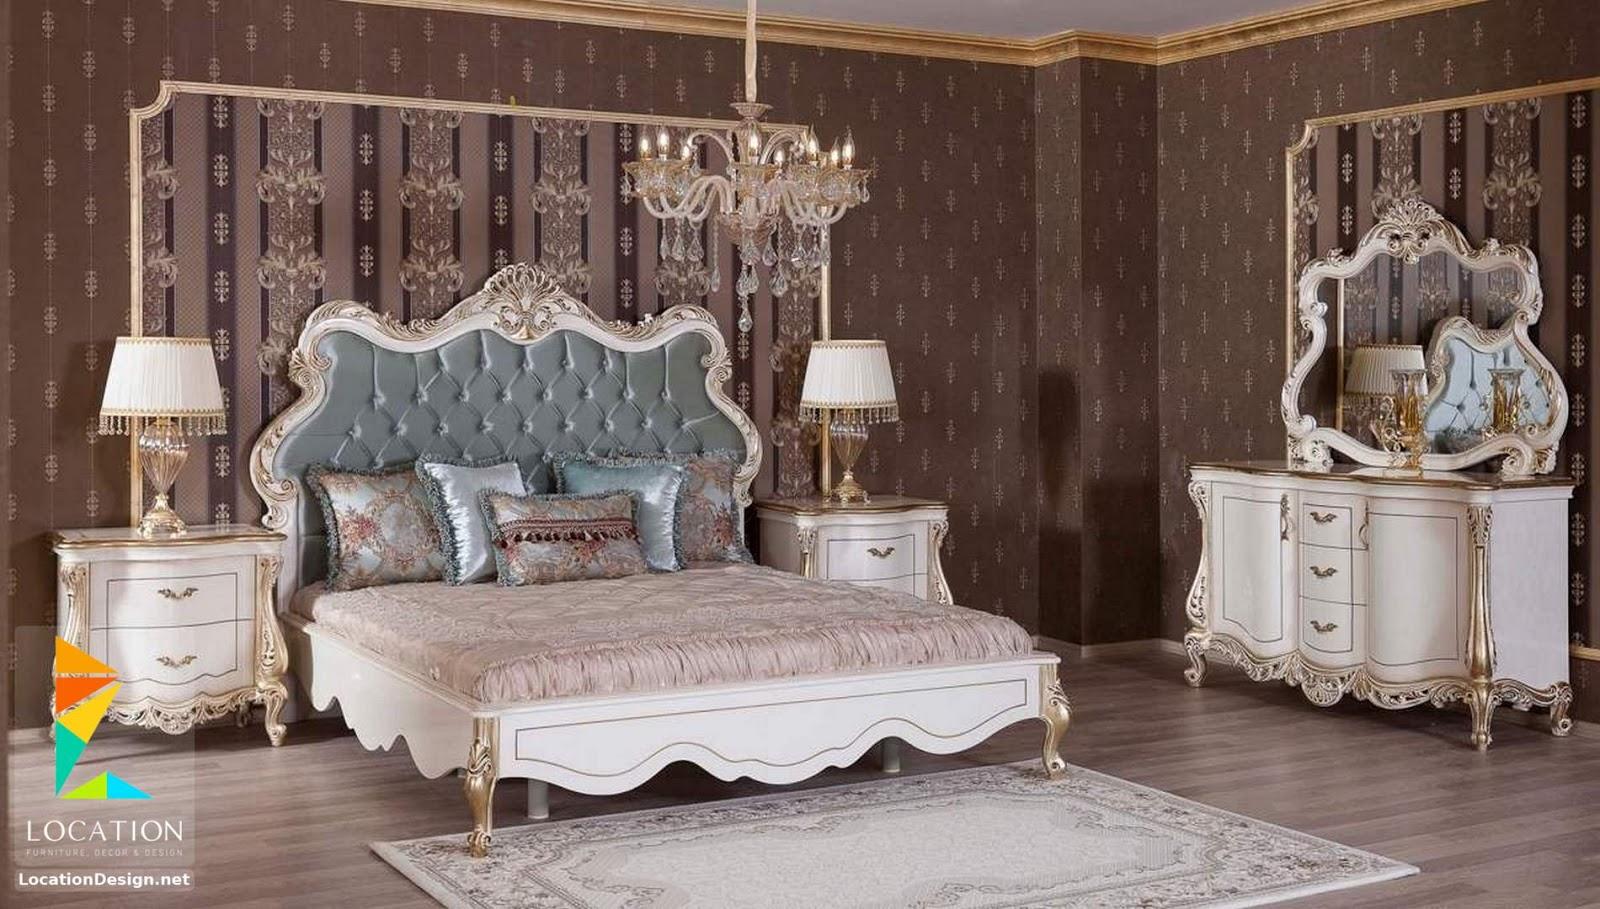 أحدث غرف نوم كلاسيك دمياط 2019 Bedrooms Egypt